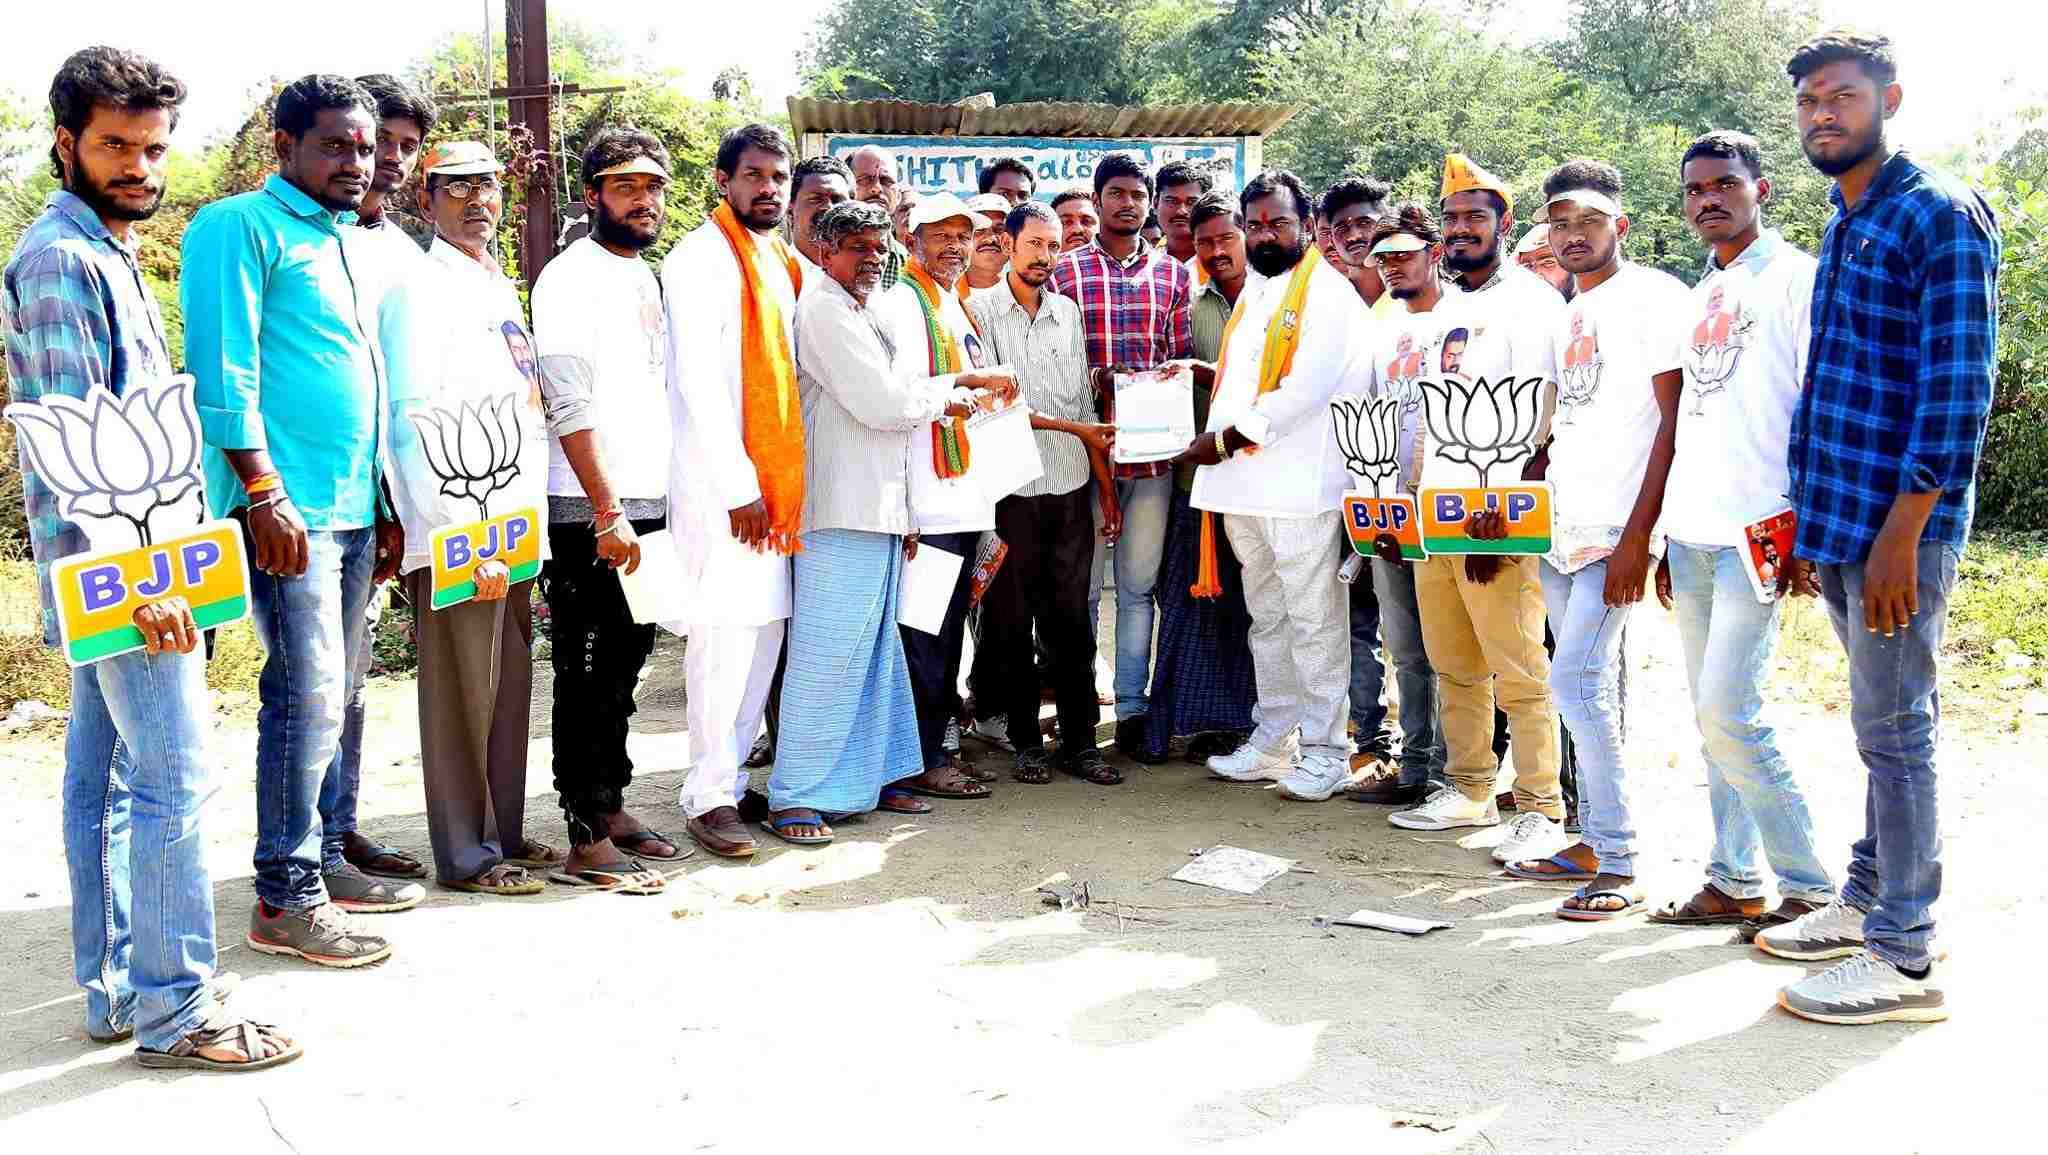 Rapaka Prashanth | BJYM Mandal President | Party Activist | Town President | Active Member | Katrapalle | Rayaparthi | Warangal Rural| Palakurthy | Telangana | ABVP | BJYM | theLeaRapaka Prashanth | BJYM Mandal President | Party Activist | Town President | Active Member | Katrapalle | Rayaparthi | Warangal Rural| Palakurthy | Telangana | ABVP | BJYM | theLeadersPagedersPage